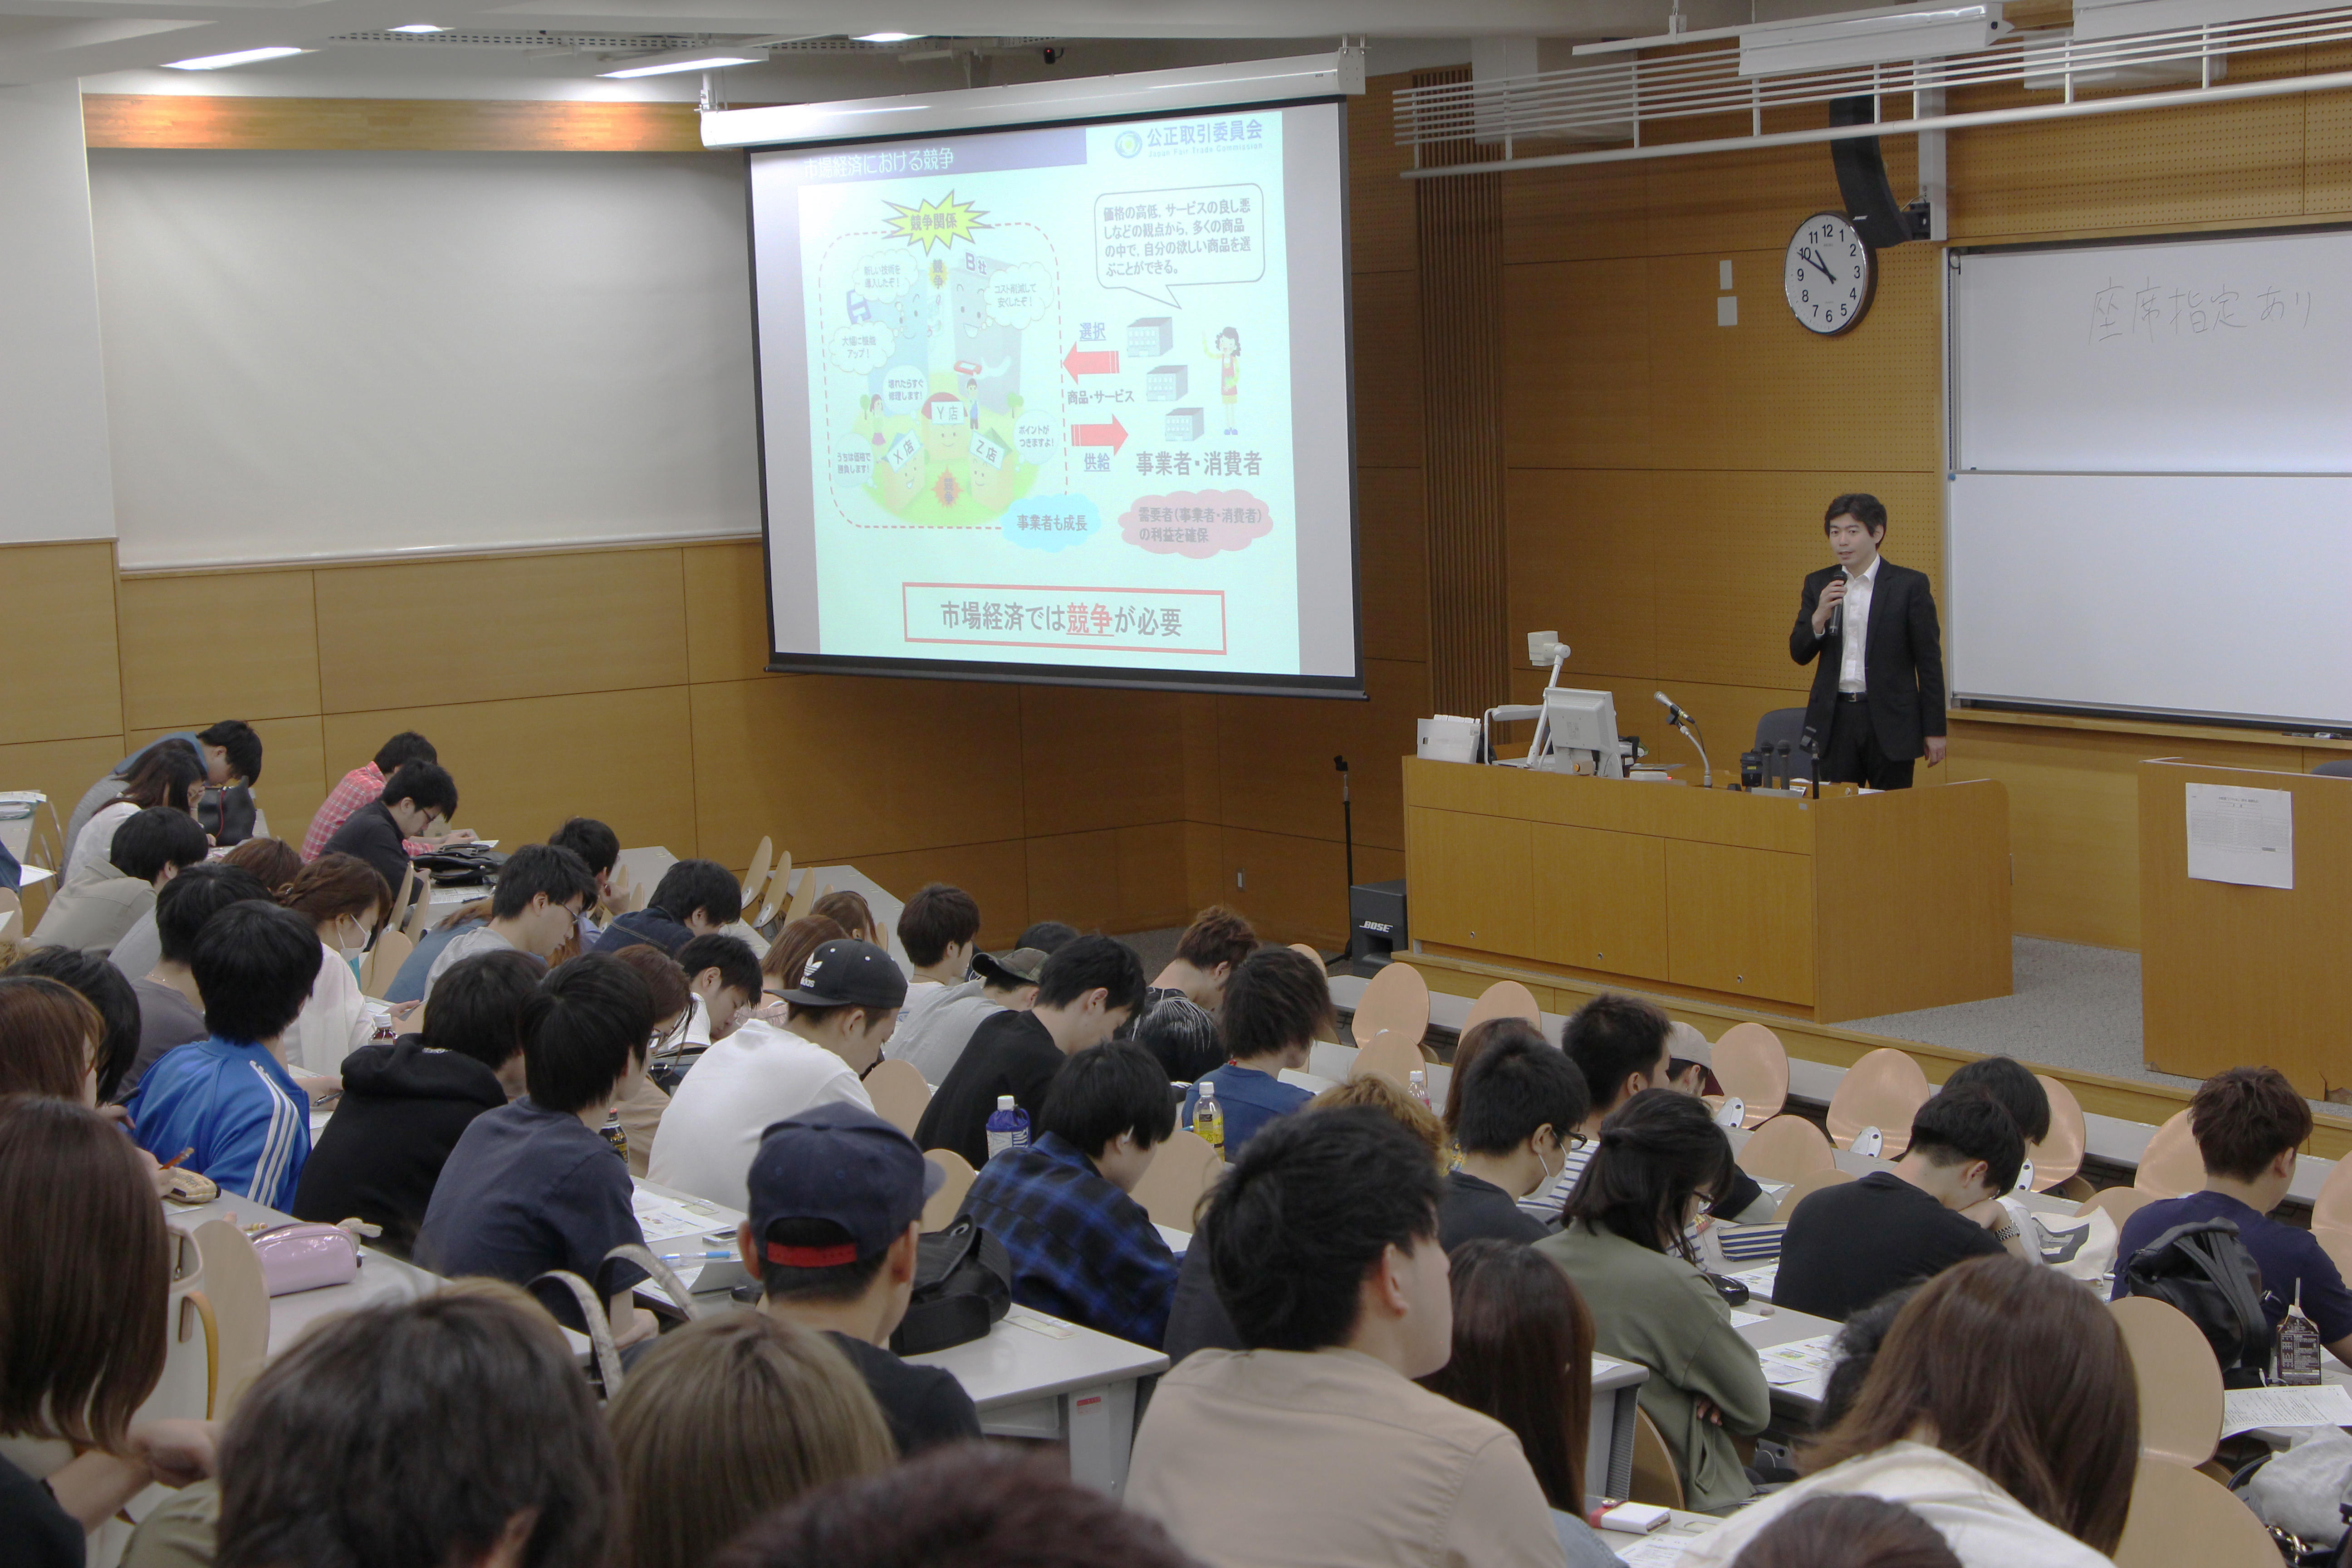 6月7日(木)、東洋学園大学で公正取引委員会による「独占禁止法教室」を開催 -- テーマは「カルテル・談合」